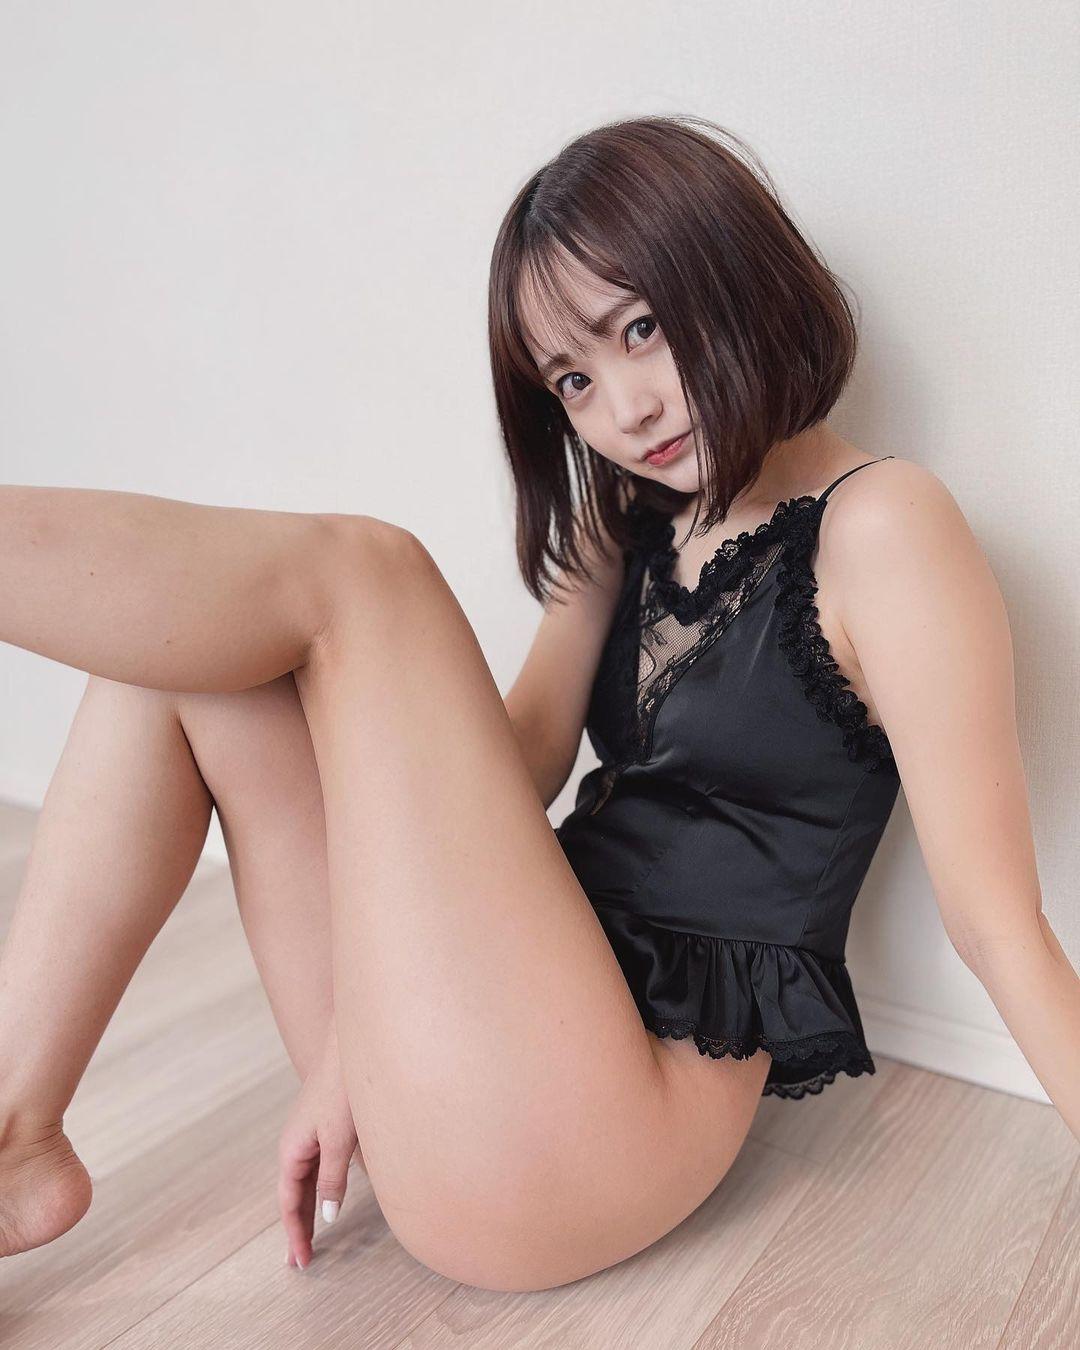 「可愛いの多くてほかにないからお気に入り」セクシーなランジェリー姿を披露【浜田翔子さん/2021年1月24日】